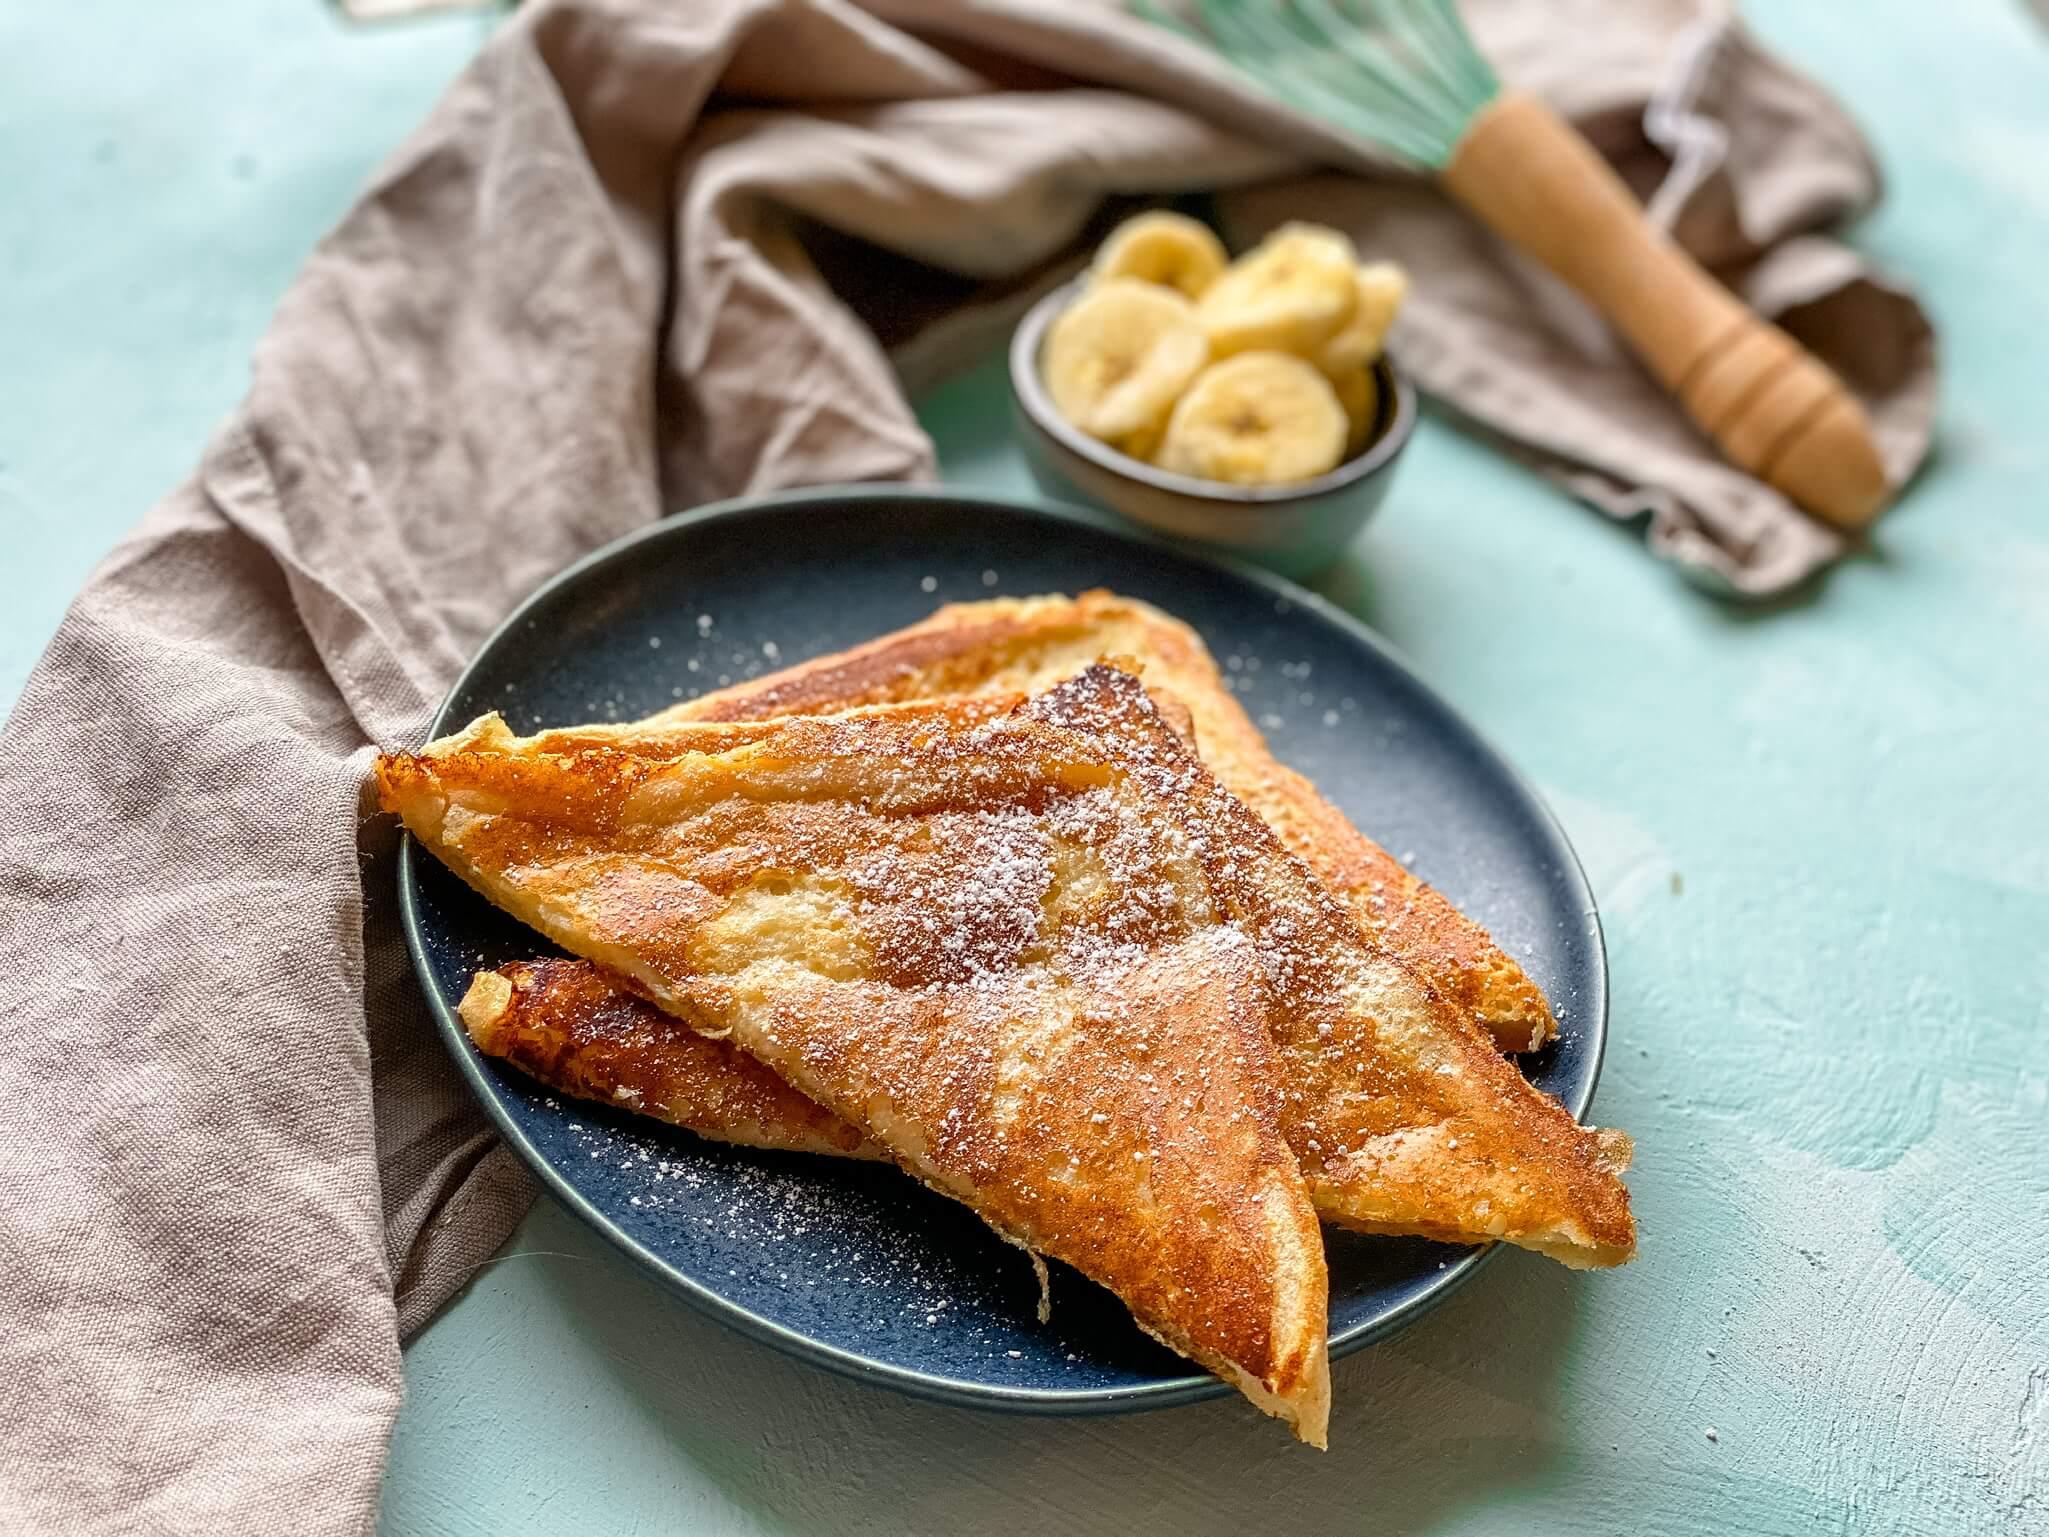 Leckeres French Toast zum Frühstück mit Puderzucker - einfaches Rezept